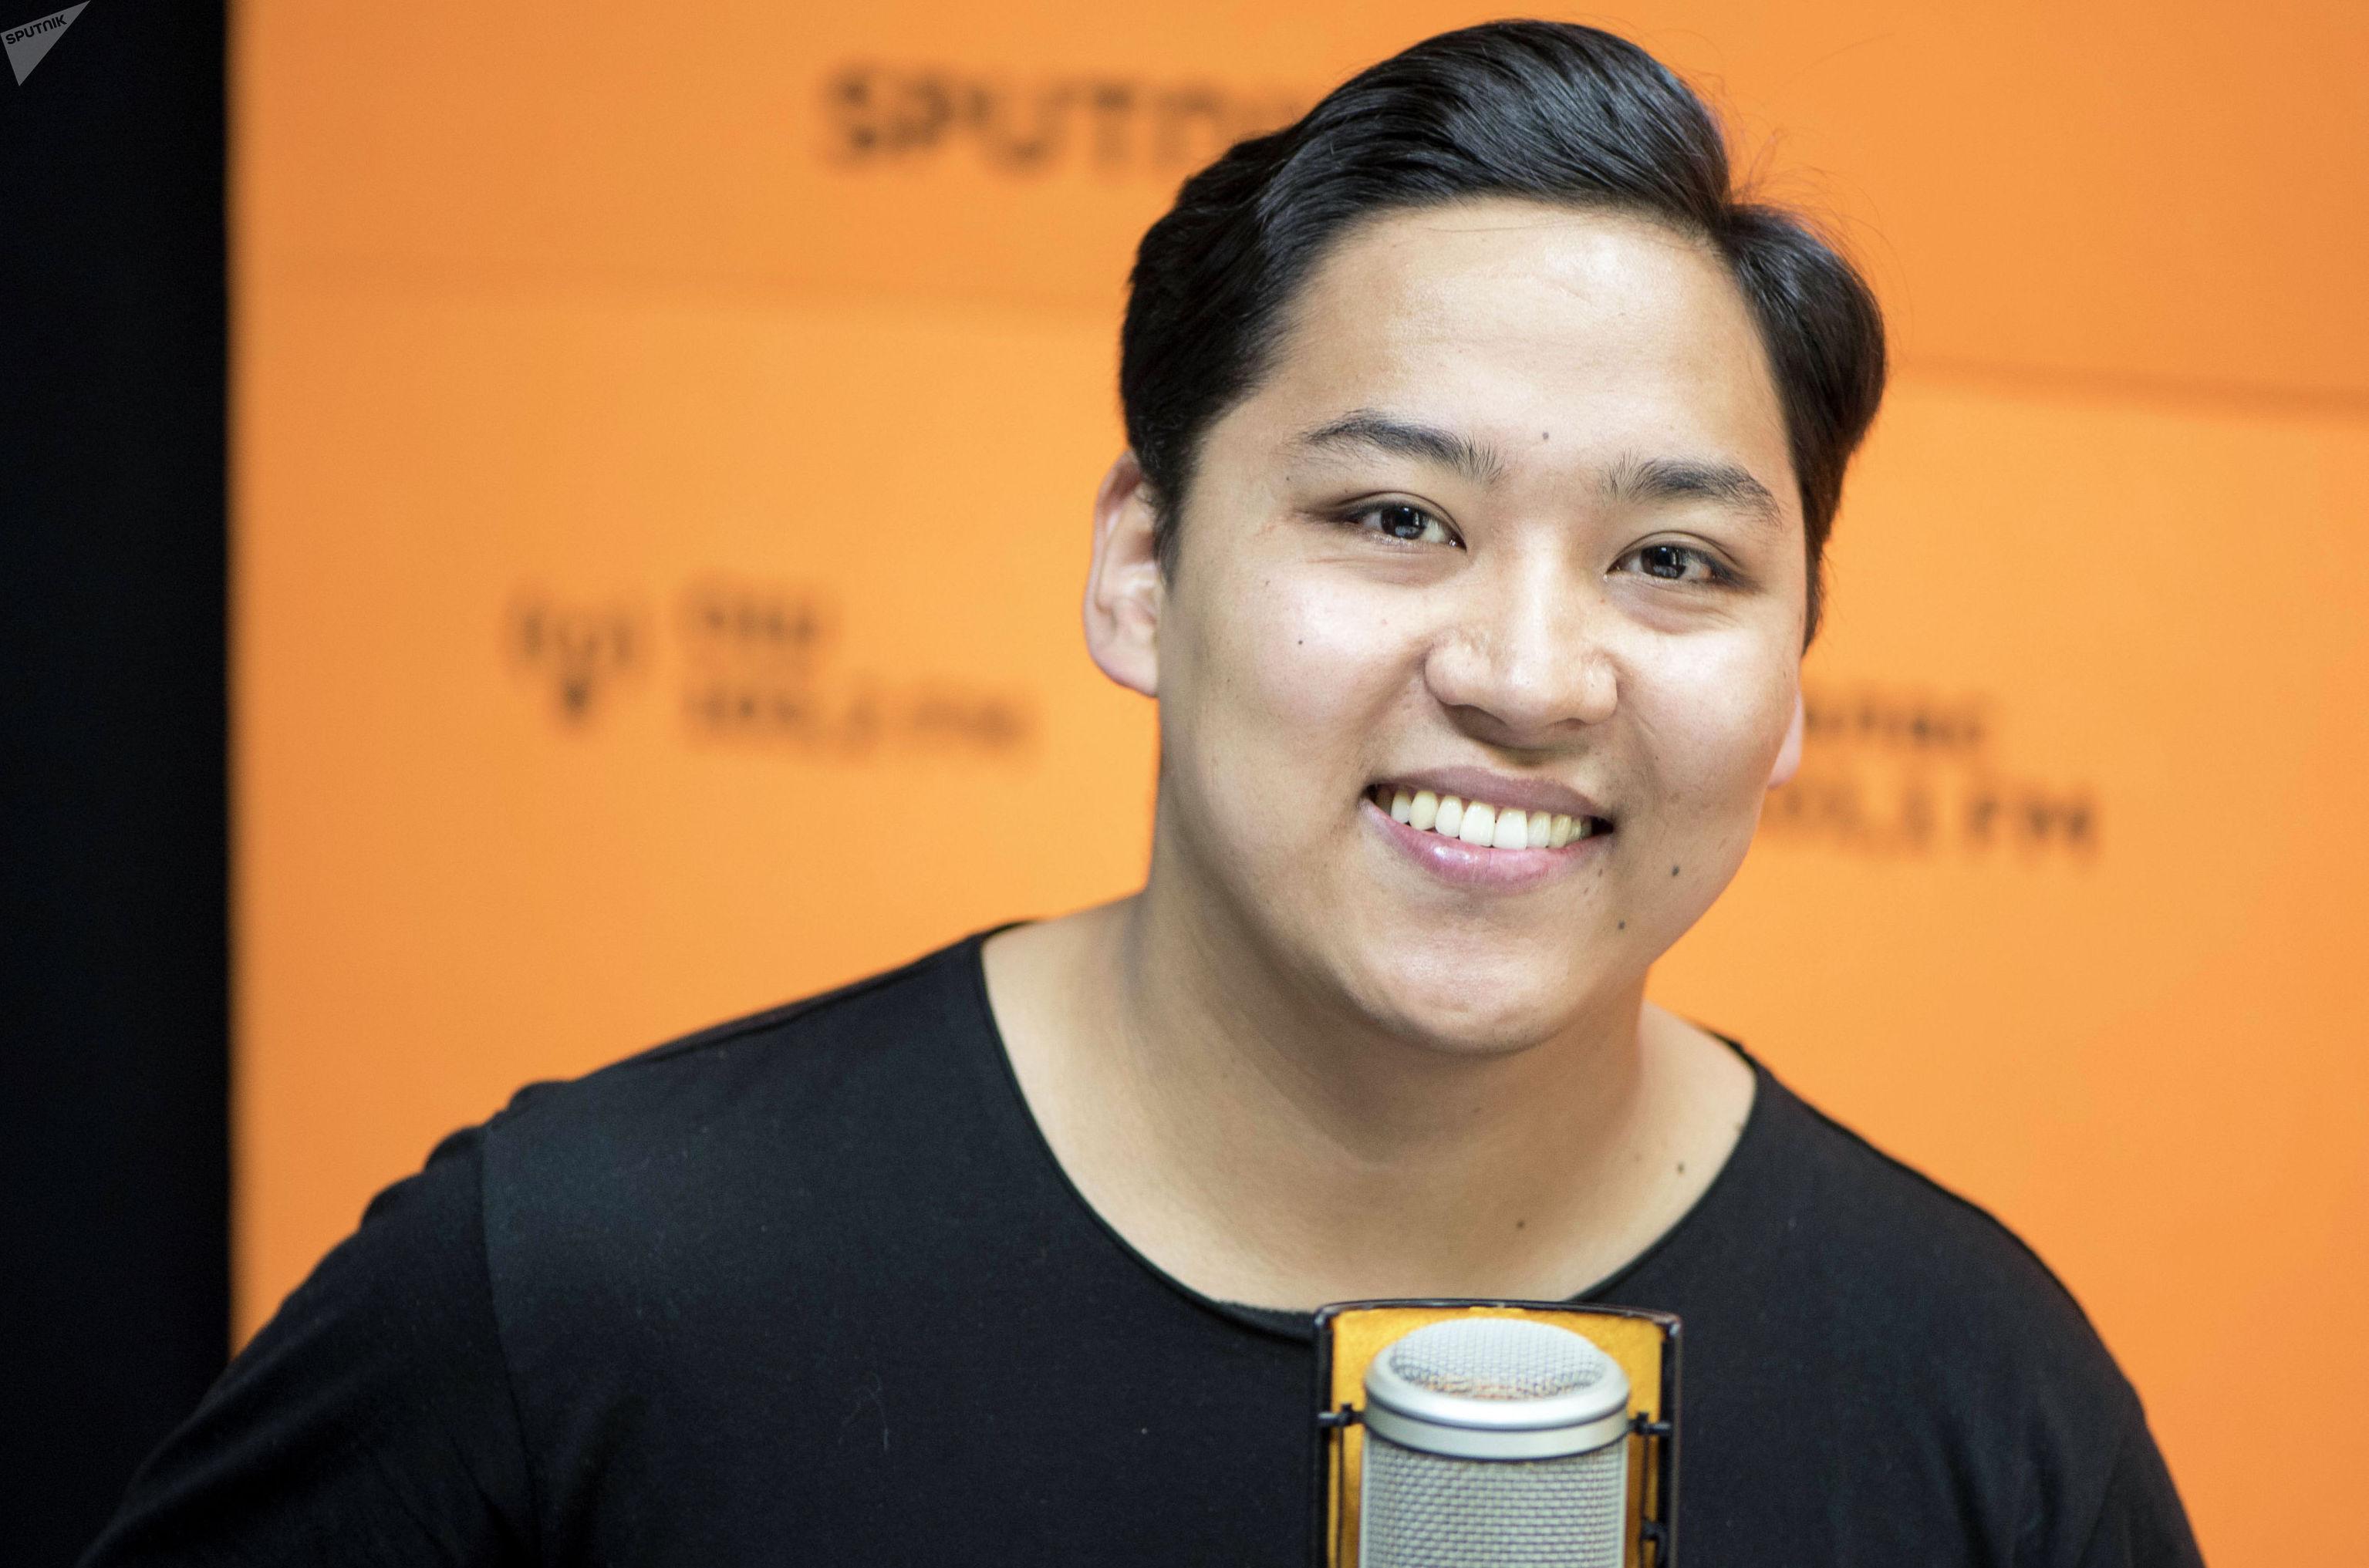 Автор и режиссер проекта Бишкек 140 Эрик Абдыкалыков во время беседы на радио